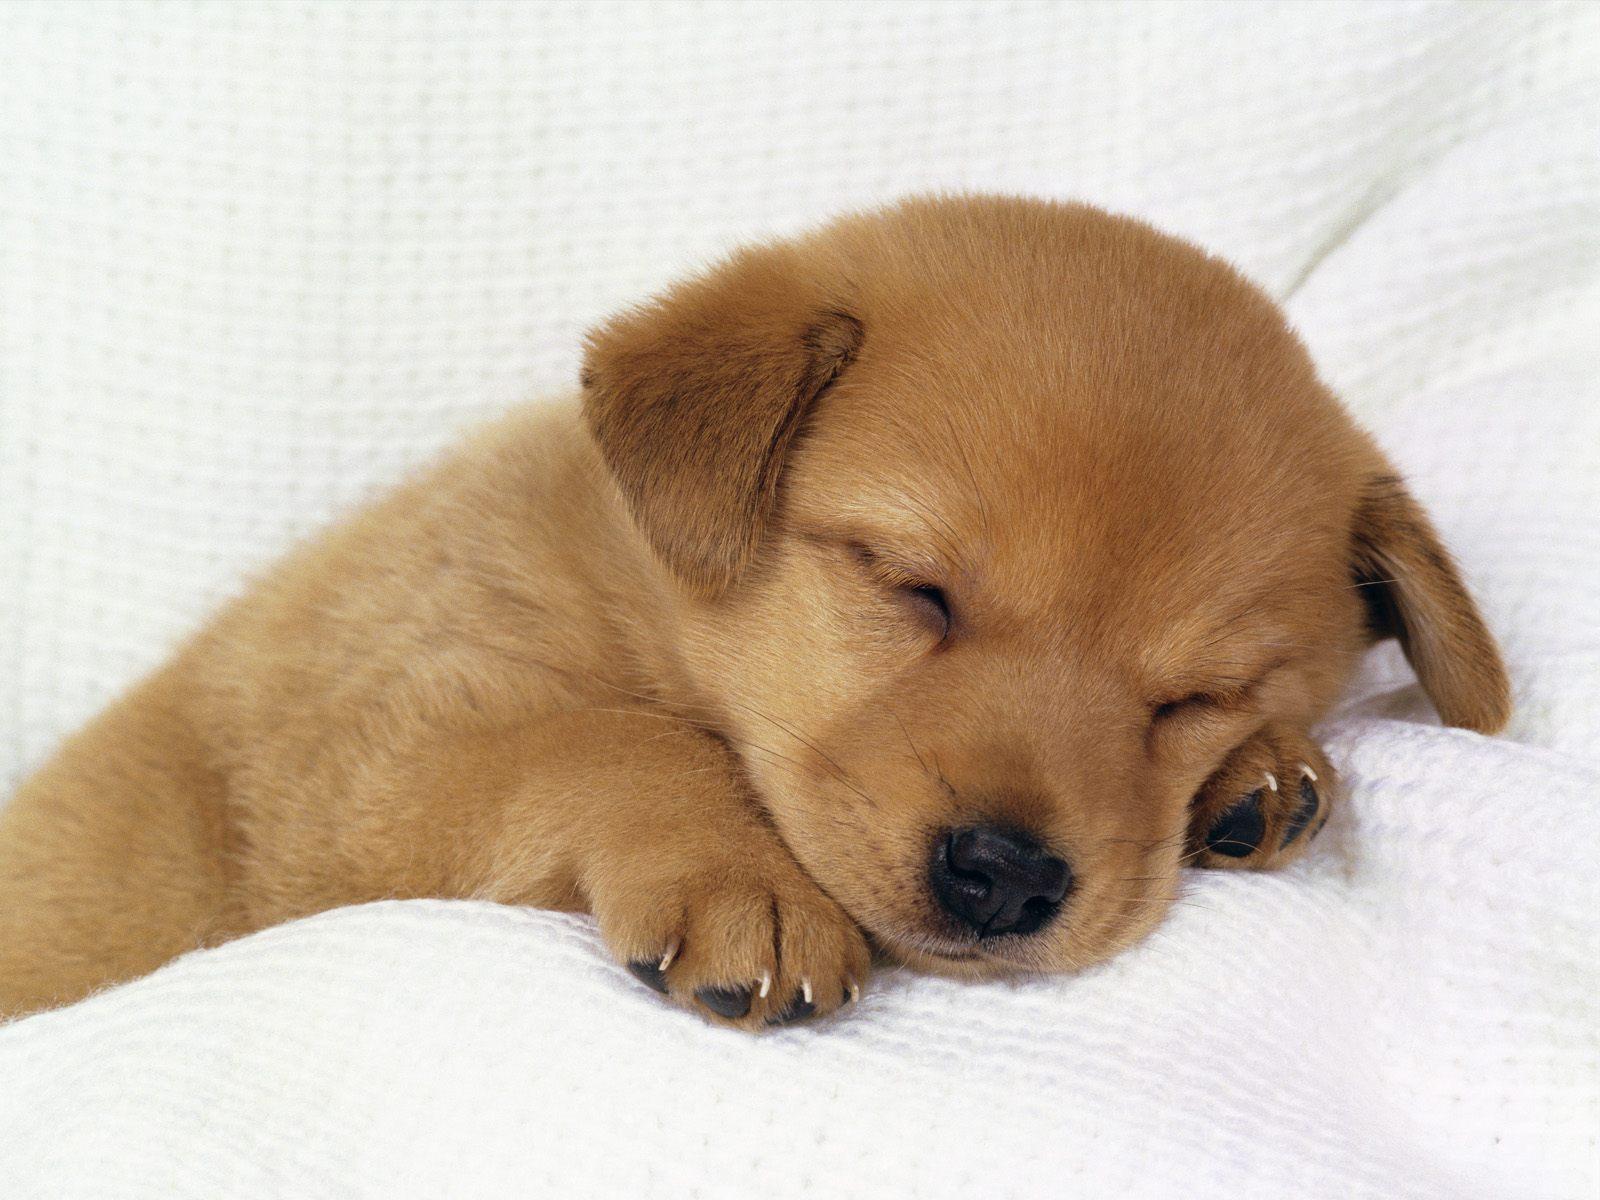 cute_puppy-5312